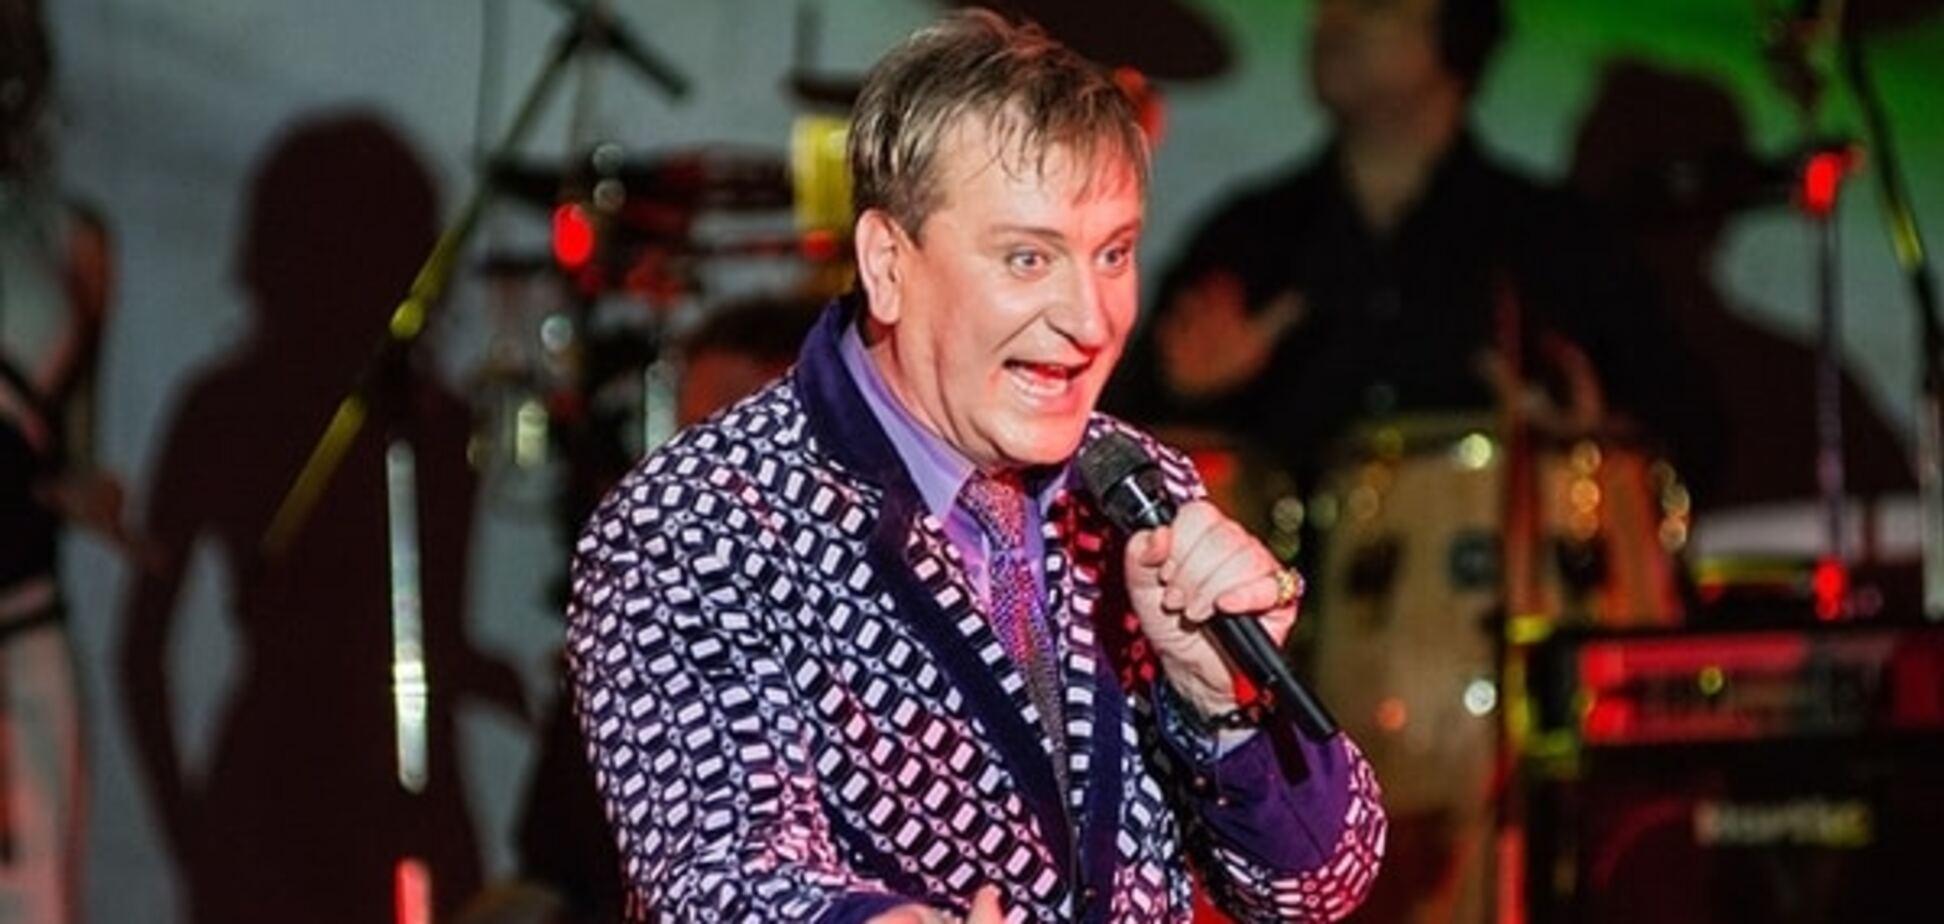 Був п'яний: в центрі Москви обікрали Сергія Пєнкіна